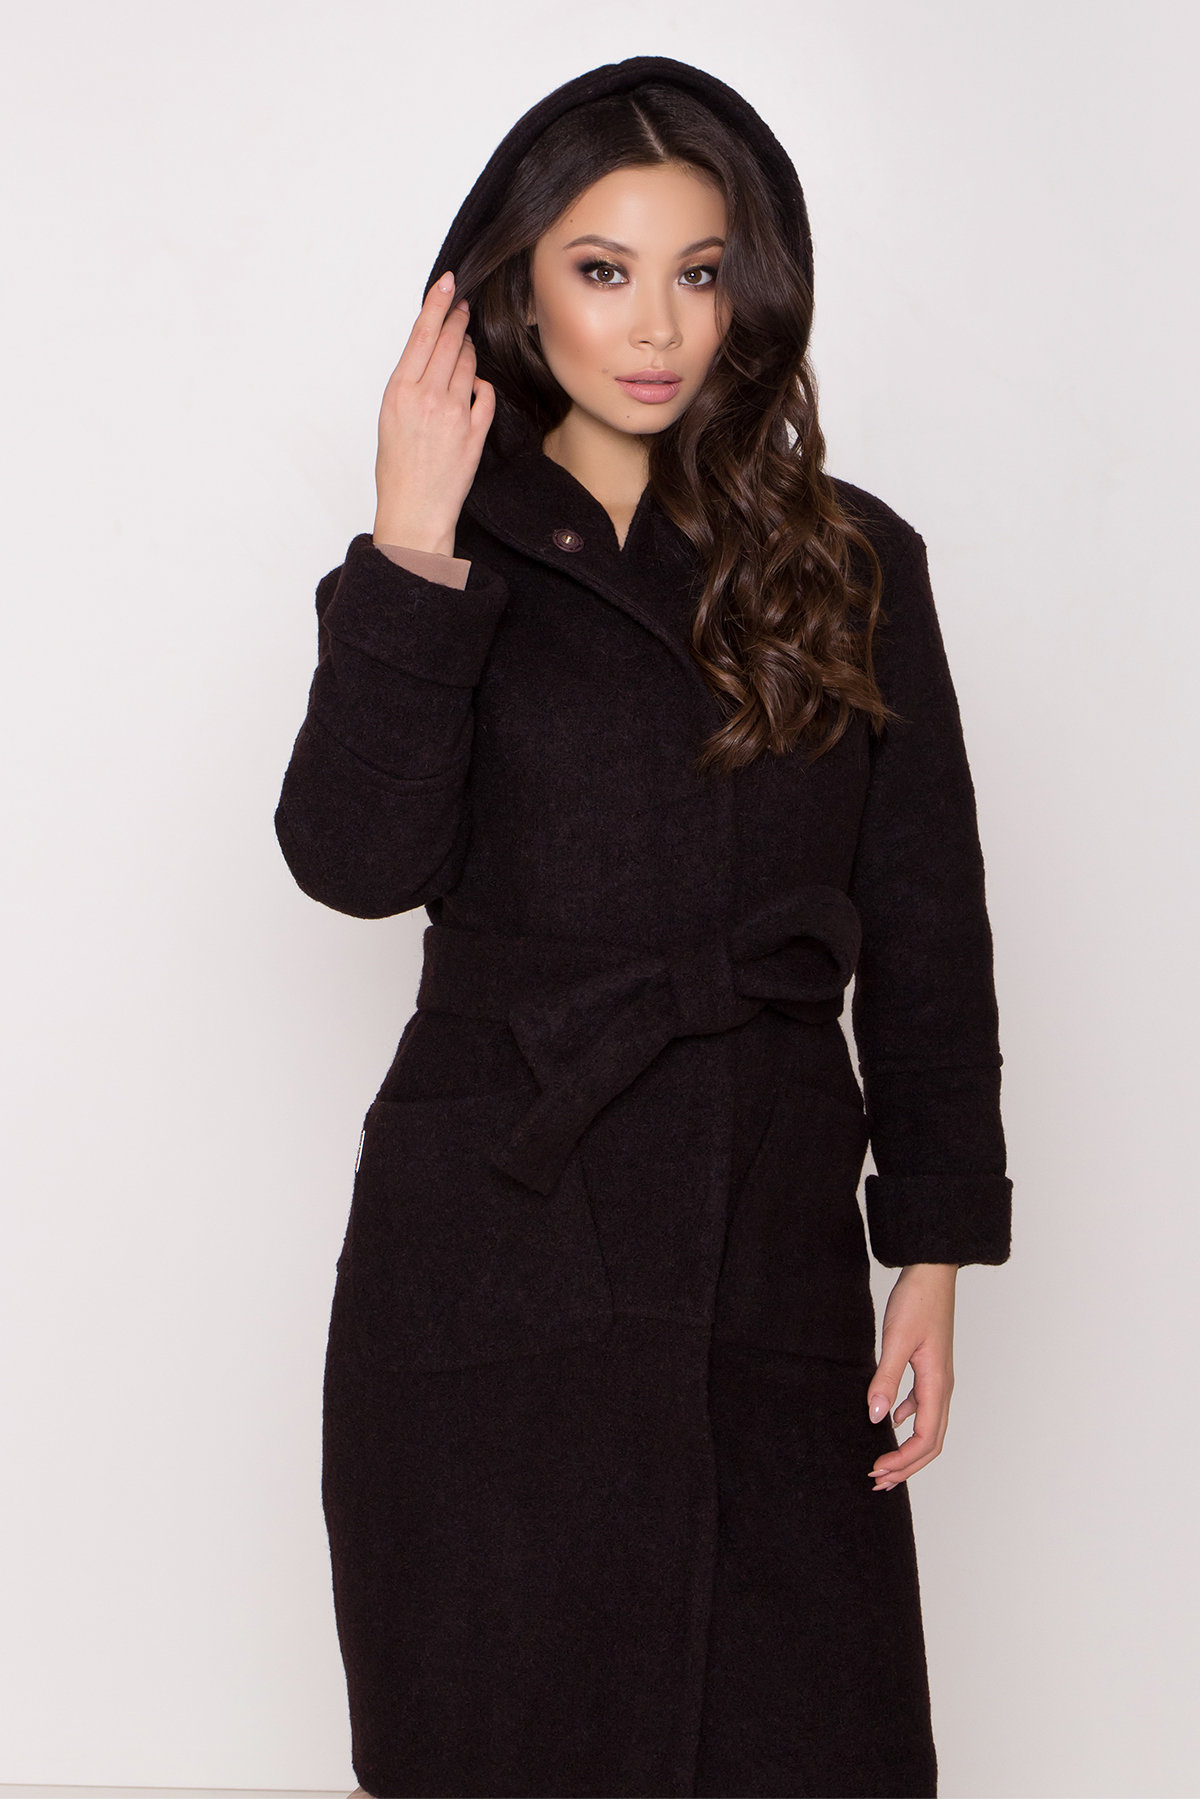 Пальто с капюшоном зимнее Анита 8327 АРТ. 44771 Цвет: Шоколад - фото 5, интернет магазин tm-modus.ru